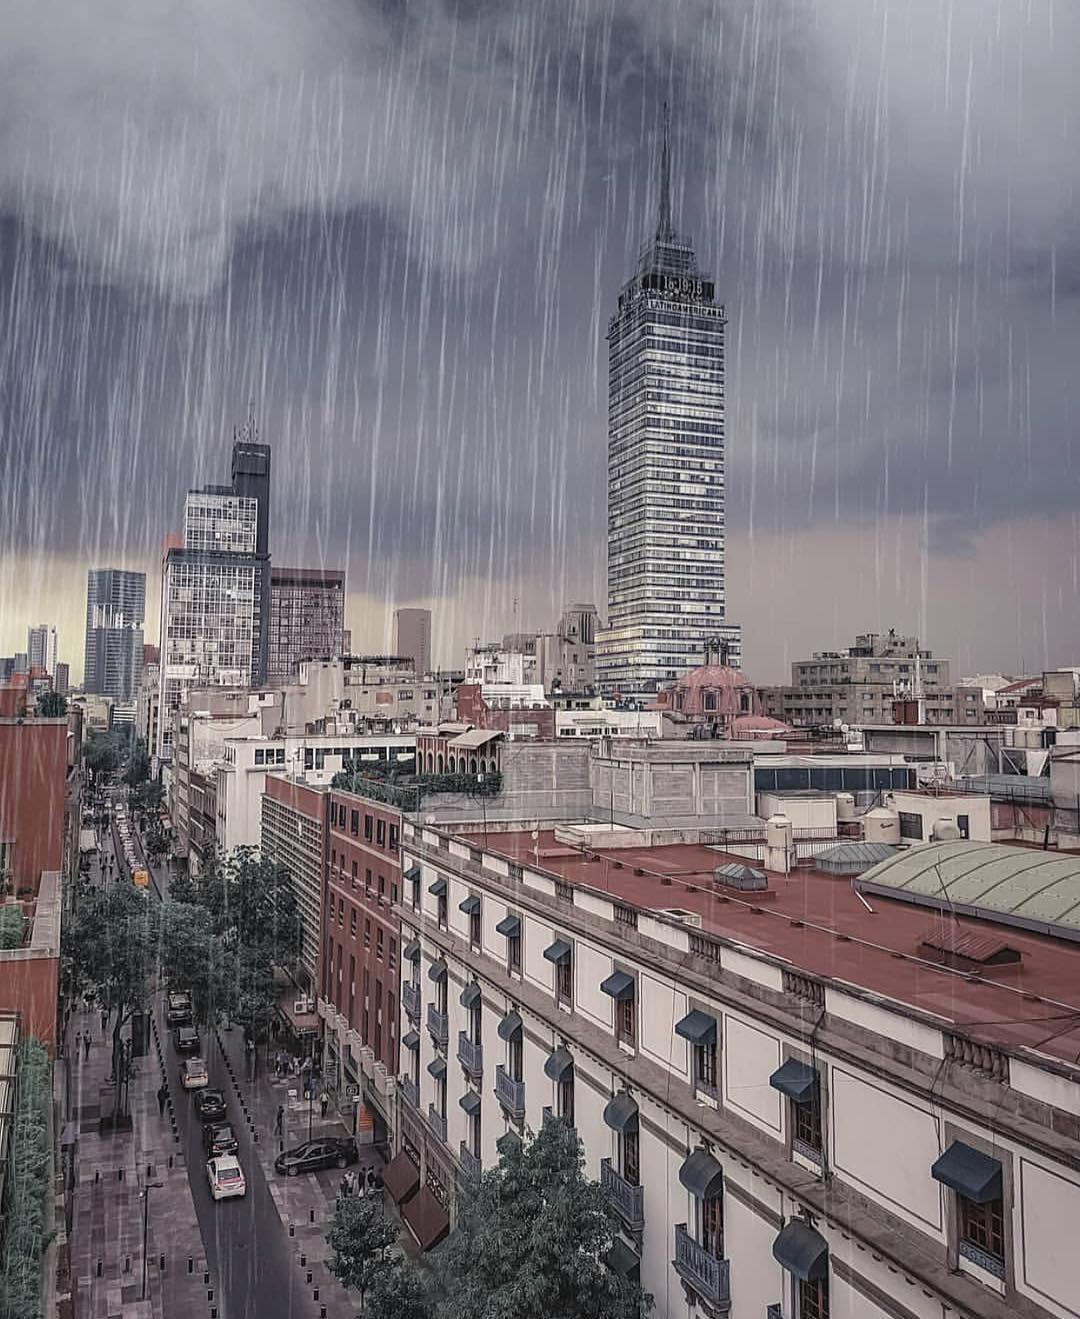 La frecuencia y distribución de las lluvias se modifica de una zona a otra y de temporada en temporada.